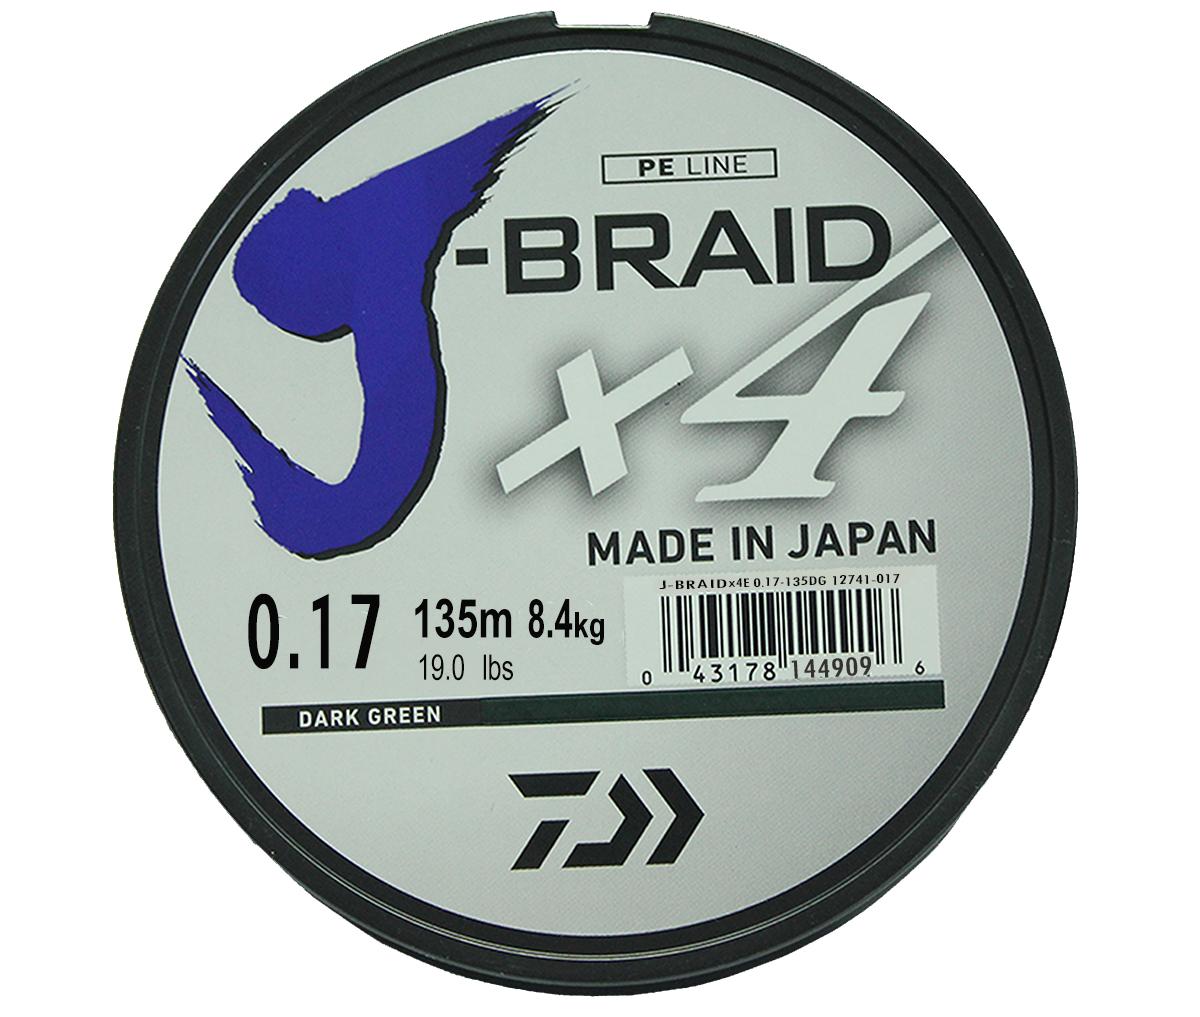 Шнур плетеный Daiwa J-Braid X4, цвет: зеленый, 135 м, 0,17 мм61162Новый 4х жильный шнур J-Braid, DAIWA - шнур высокого класса с удивительным соотношением цены и качества. Качество плетения полностью соответствует японским стандартам и удовлетворяет всем требованиям. Представленные диаметры позволяют использовать шнур для всех техник ловли, начиная от ultra- light ловли окуня, до морской ловли палтуса, трески и т.д